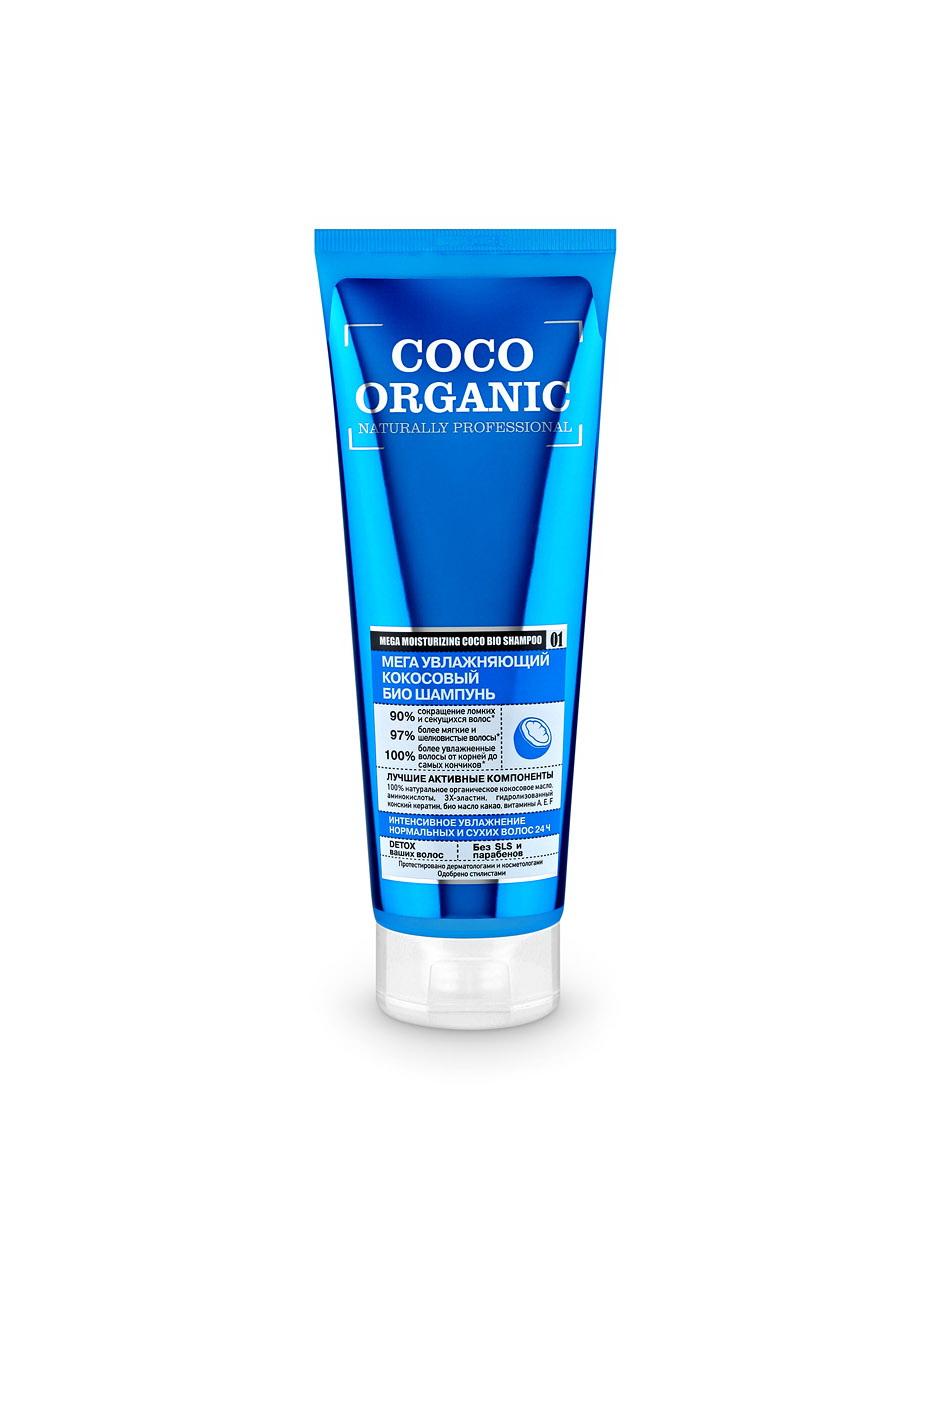 Оrganic Shop Naturally professional Шампунь для волос Мега увлажняющий, кокосовый, 250 млFS-00897100% натуральное органическое кокосовое масло и био масло какао интенсивно увлажняют, не утяжеляя волосы, наполняя их жизненной энергией. Гидролизованный конский кератин удерживает влагу глубоко в структуре волос, защищает их от термо и УФ воздействий. Аминокислоты укрепляют ослабленные корни, делают волосы более здоровыми. 3Х-эластин выравнивает поверхность волос, предотвращая ломкость и сечение, делает волосы гладкими и эластичными по всей длине.